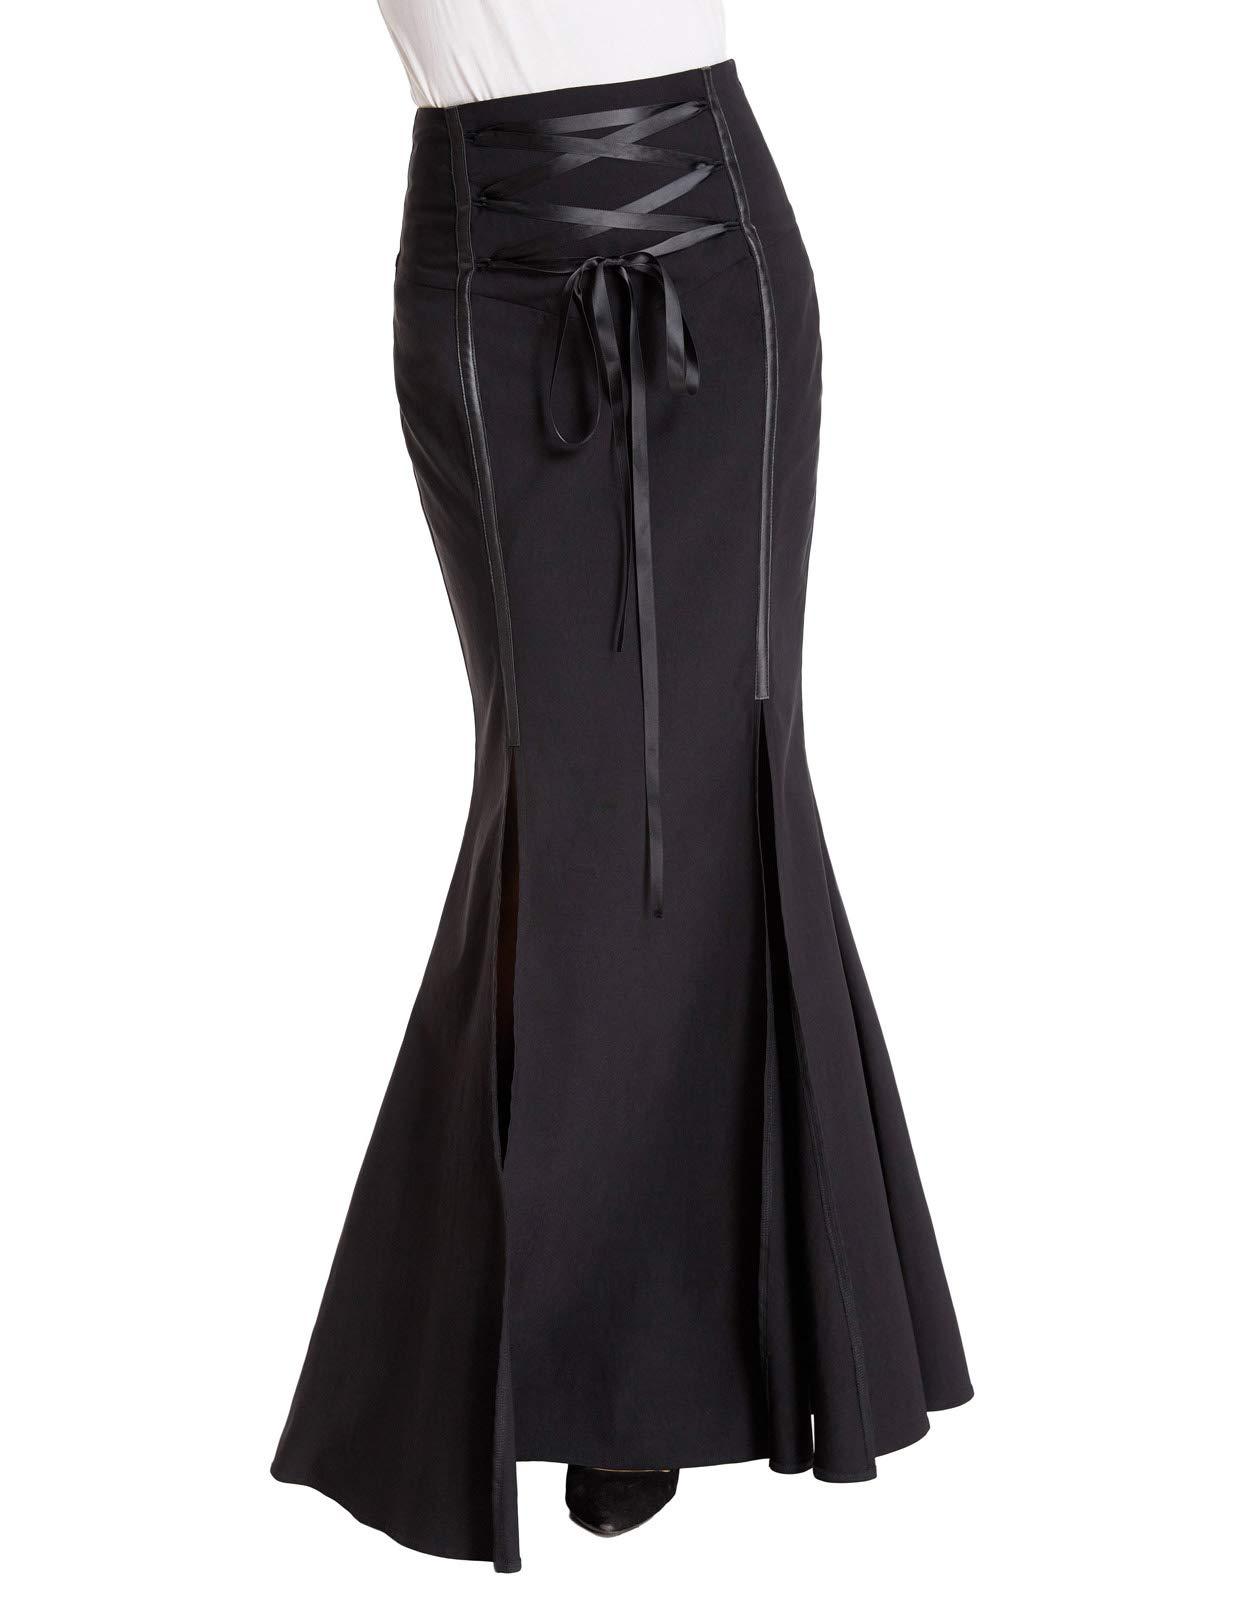 Belle Poque Black Gothic Victorian Steampunk Mermaid Fishtai Skirt for Halloween BP447-1 2XL Black